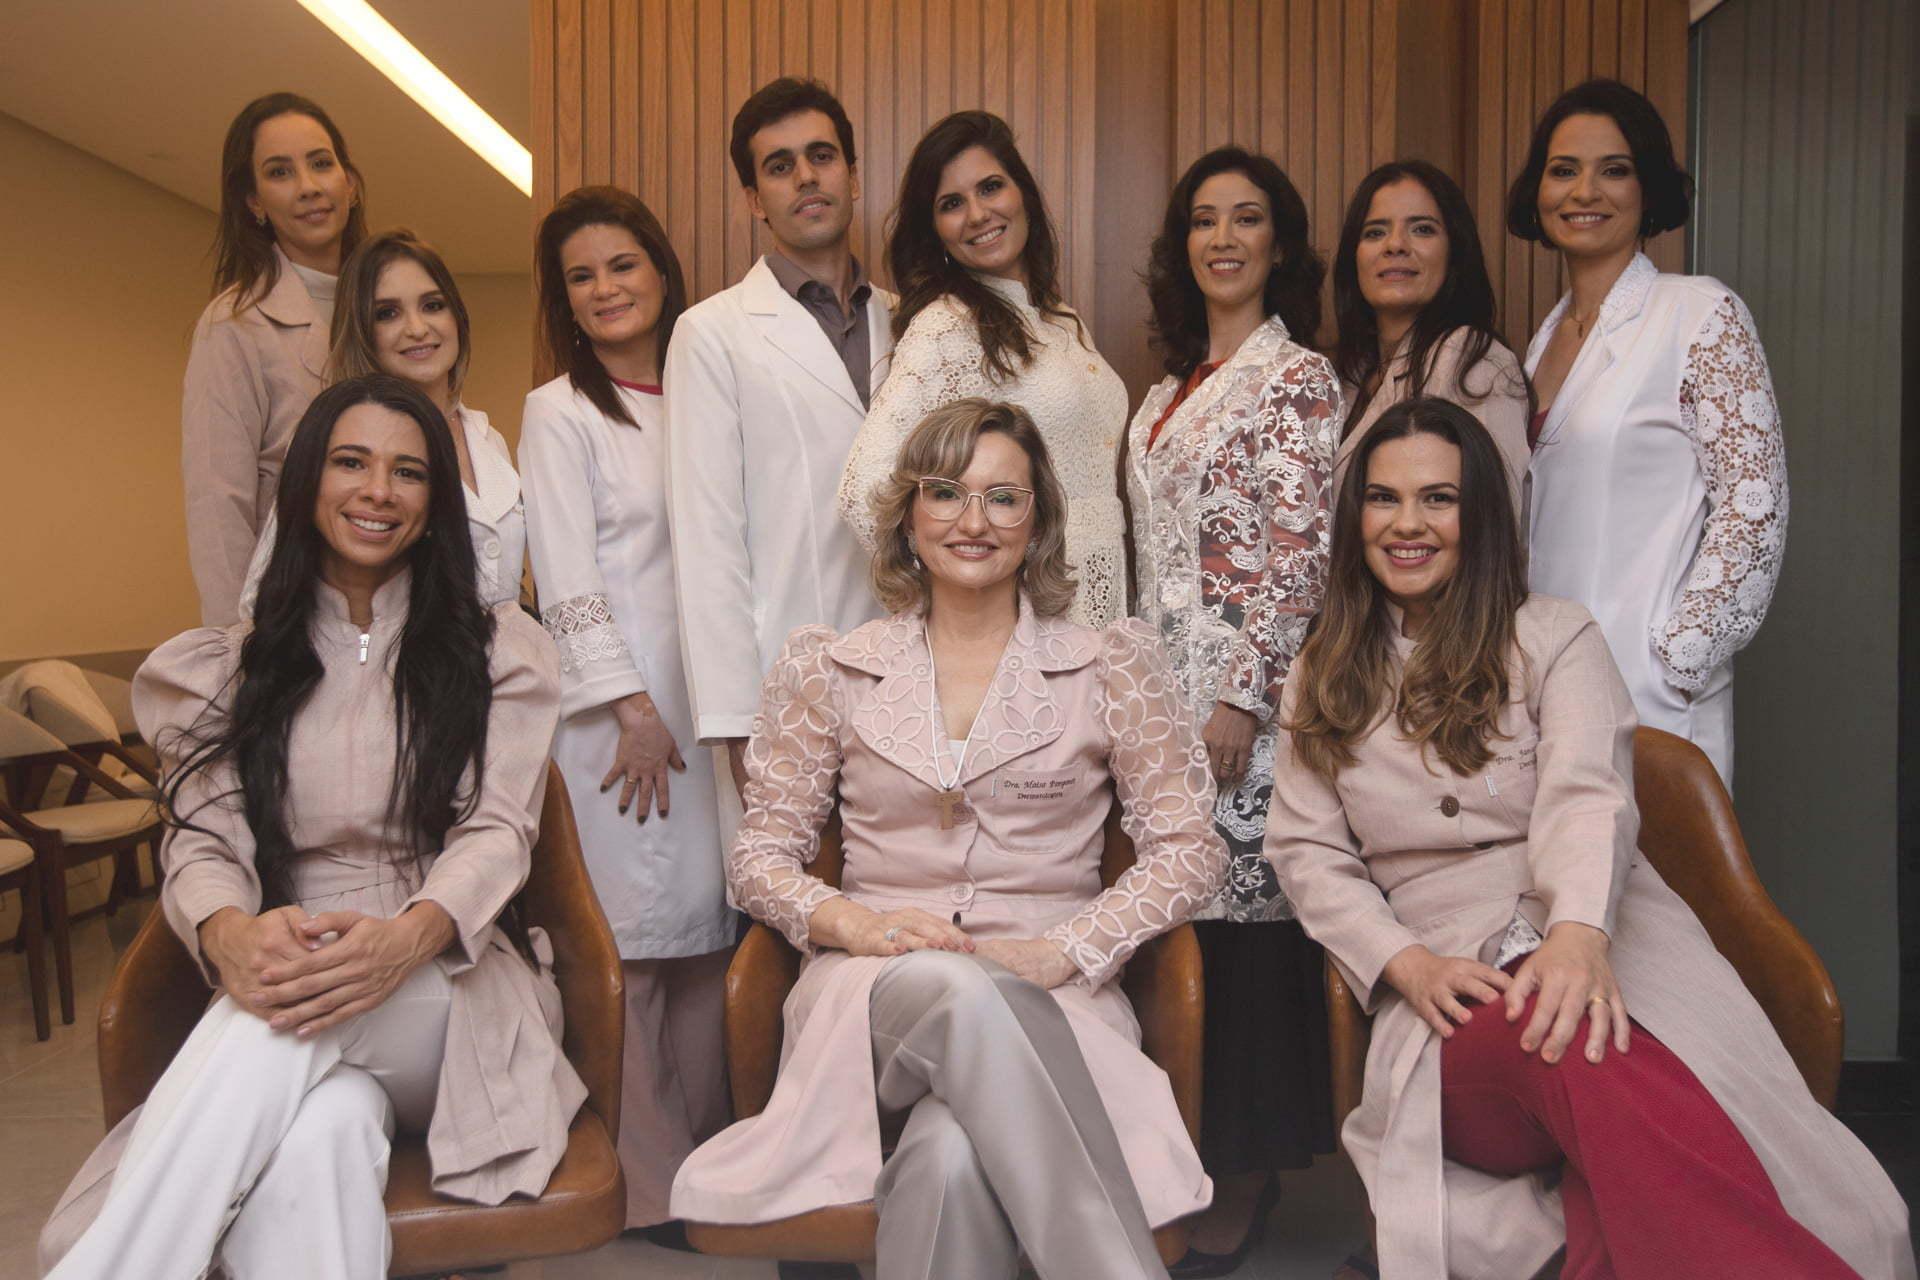 Equipe da Maísa Pamponet